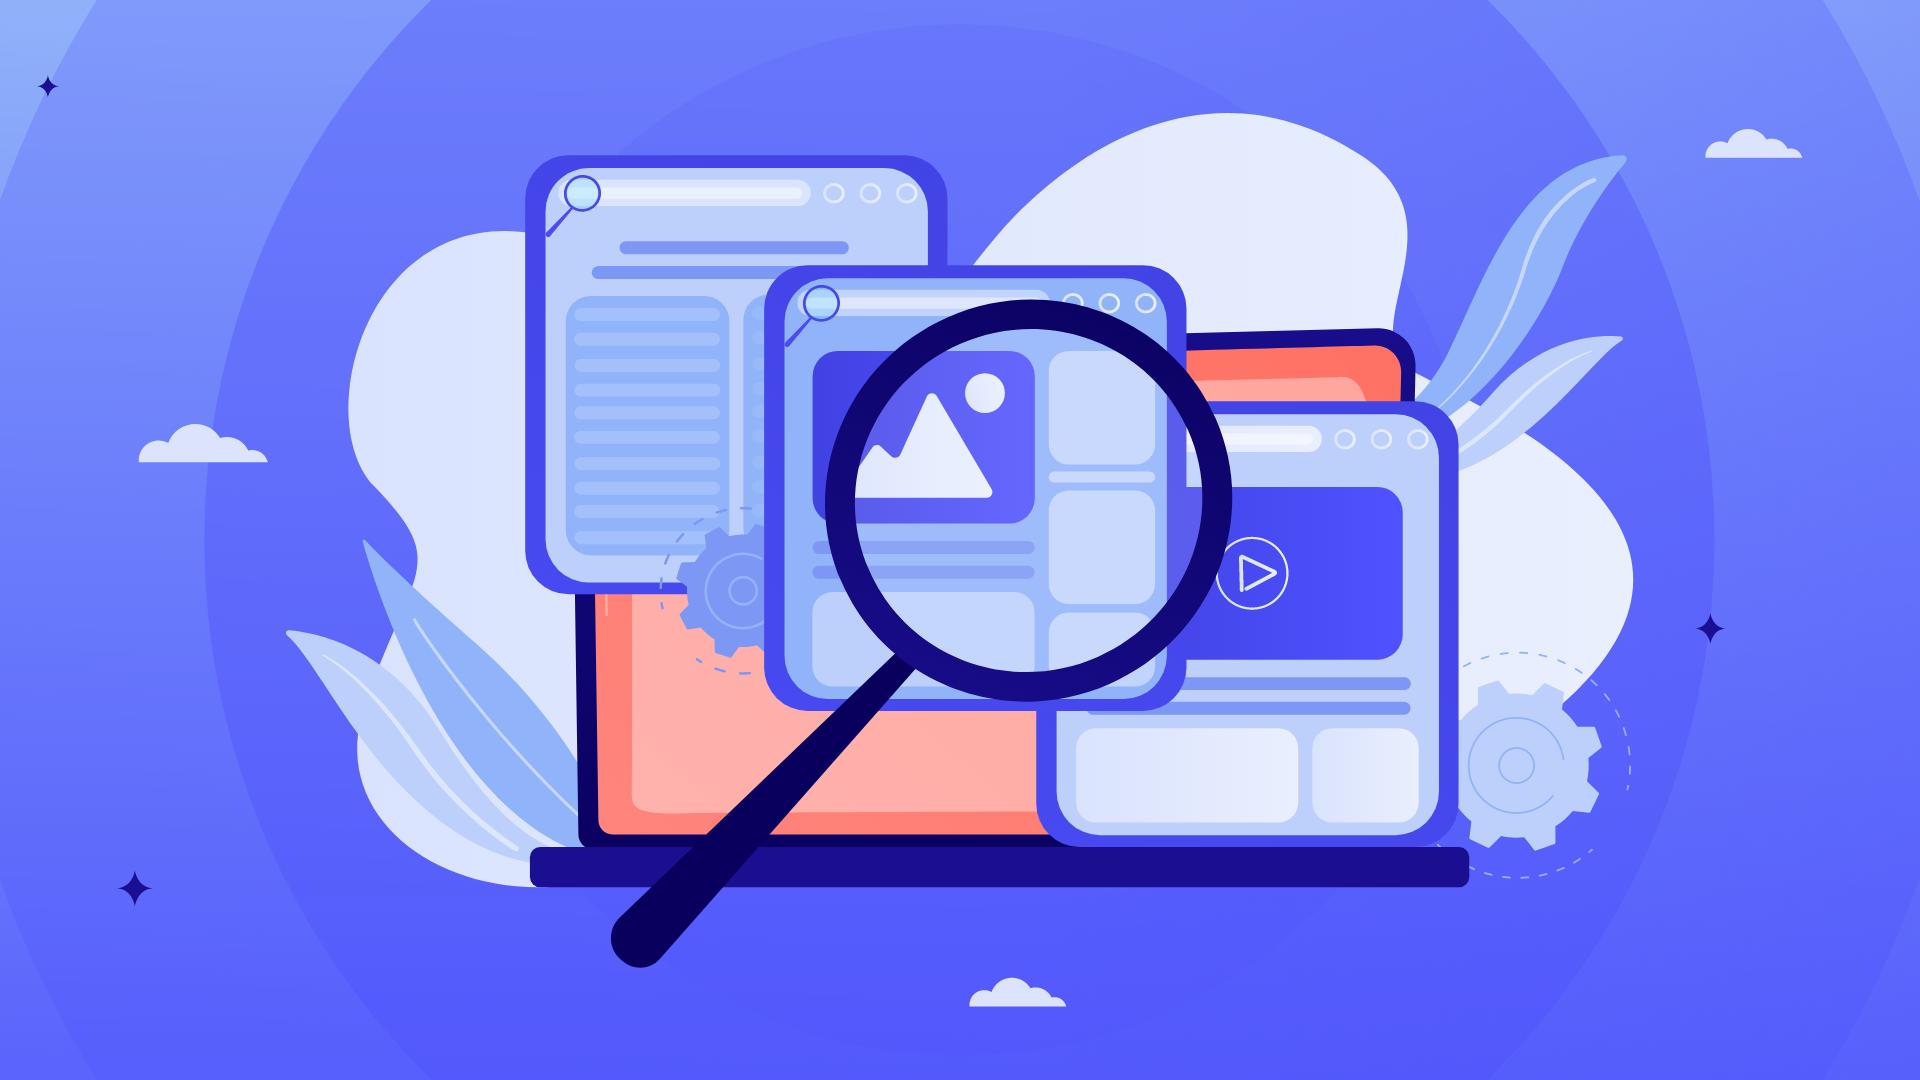 3 ferramentas que vão te ajudar a criar conteúdo